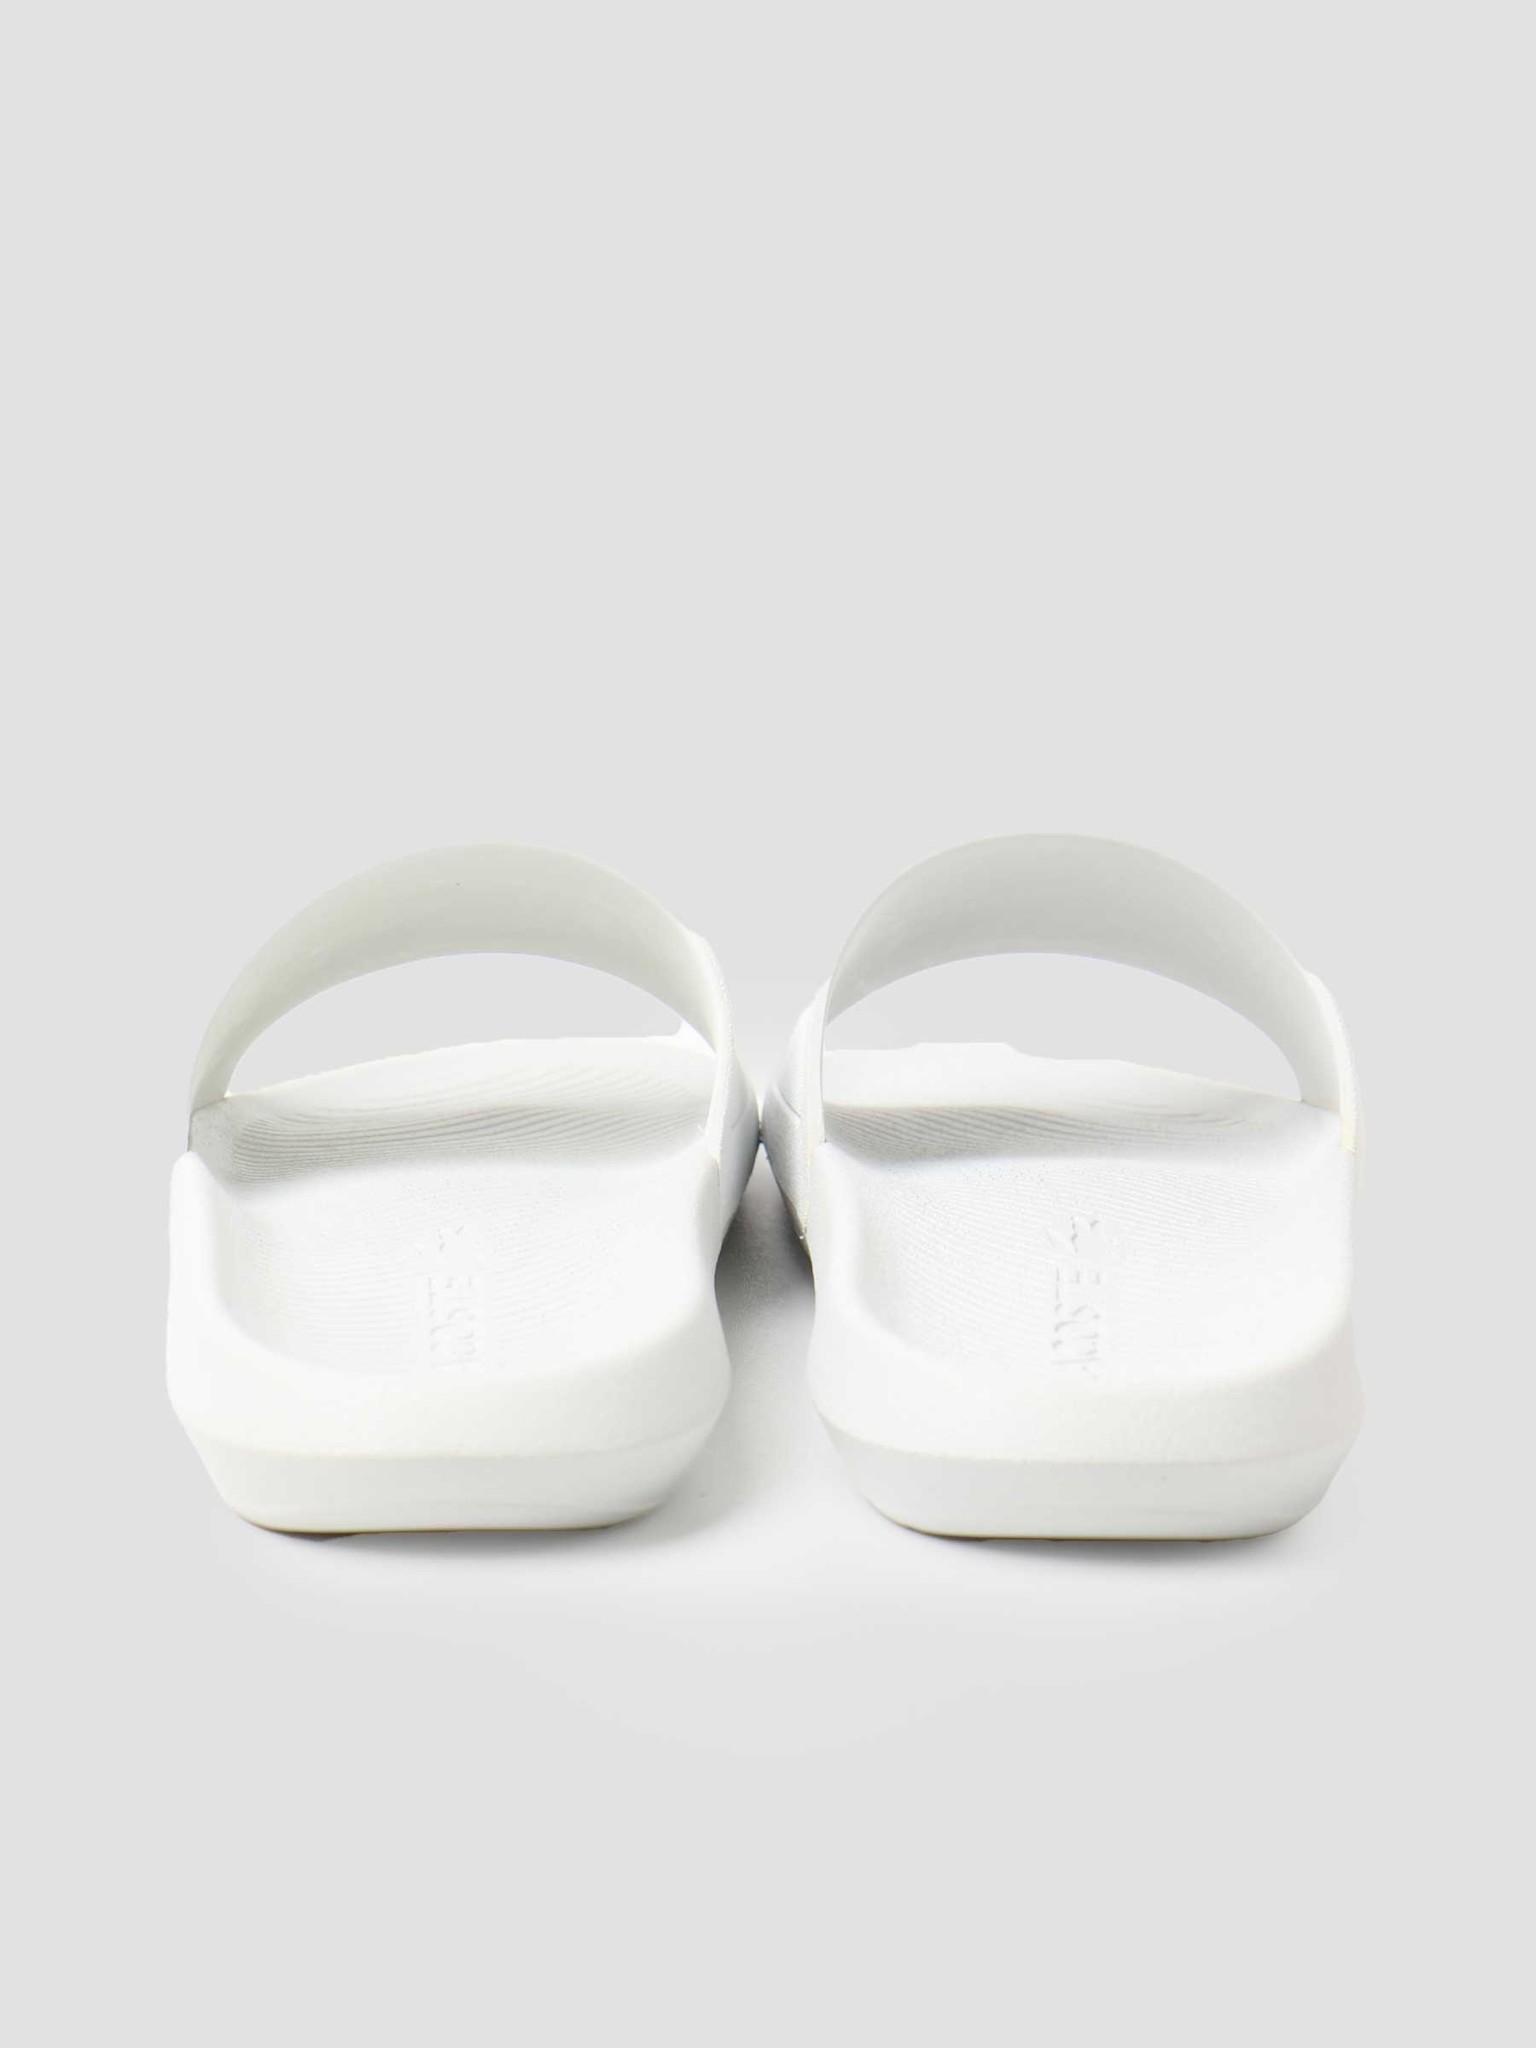 Lacoste Lacoste Croco Slide 119 1 Cma White Green 737CMA001808211